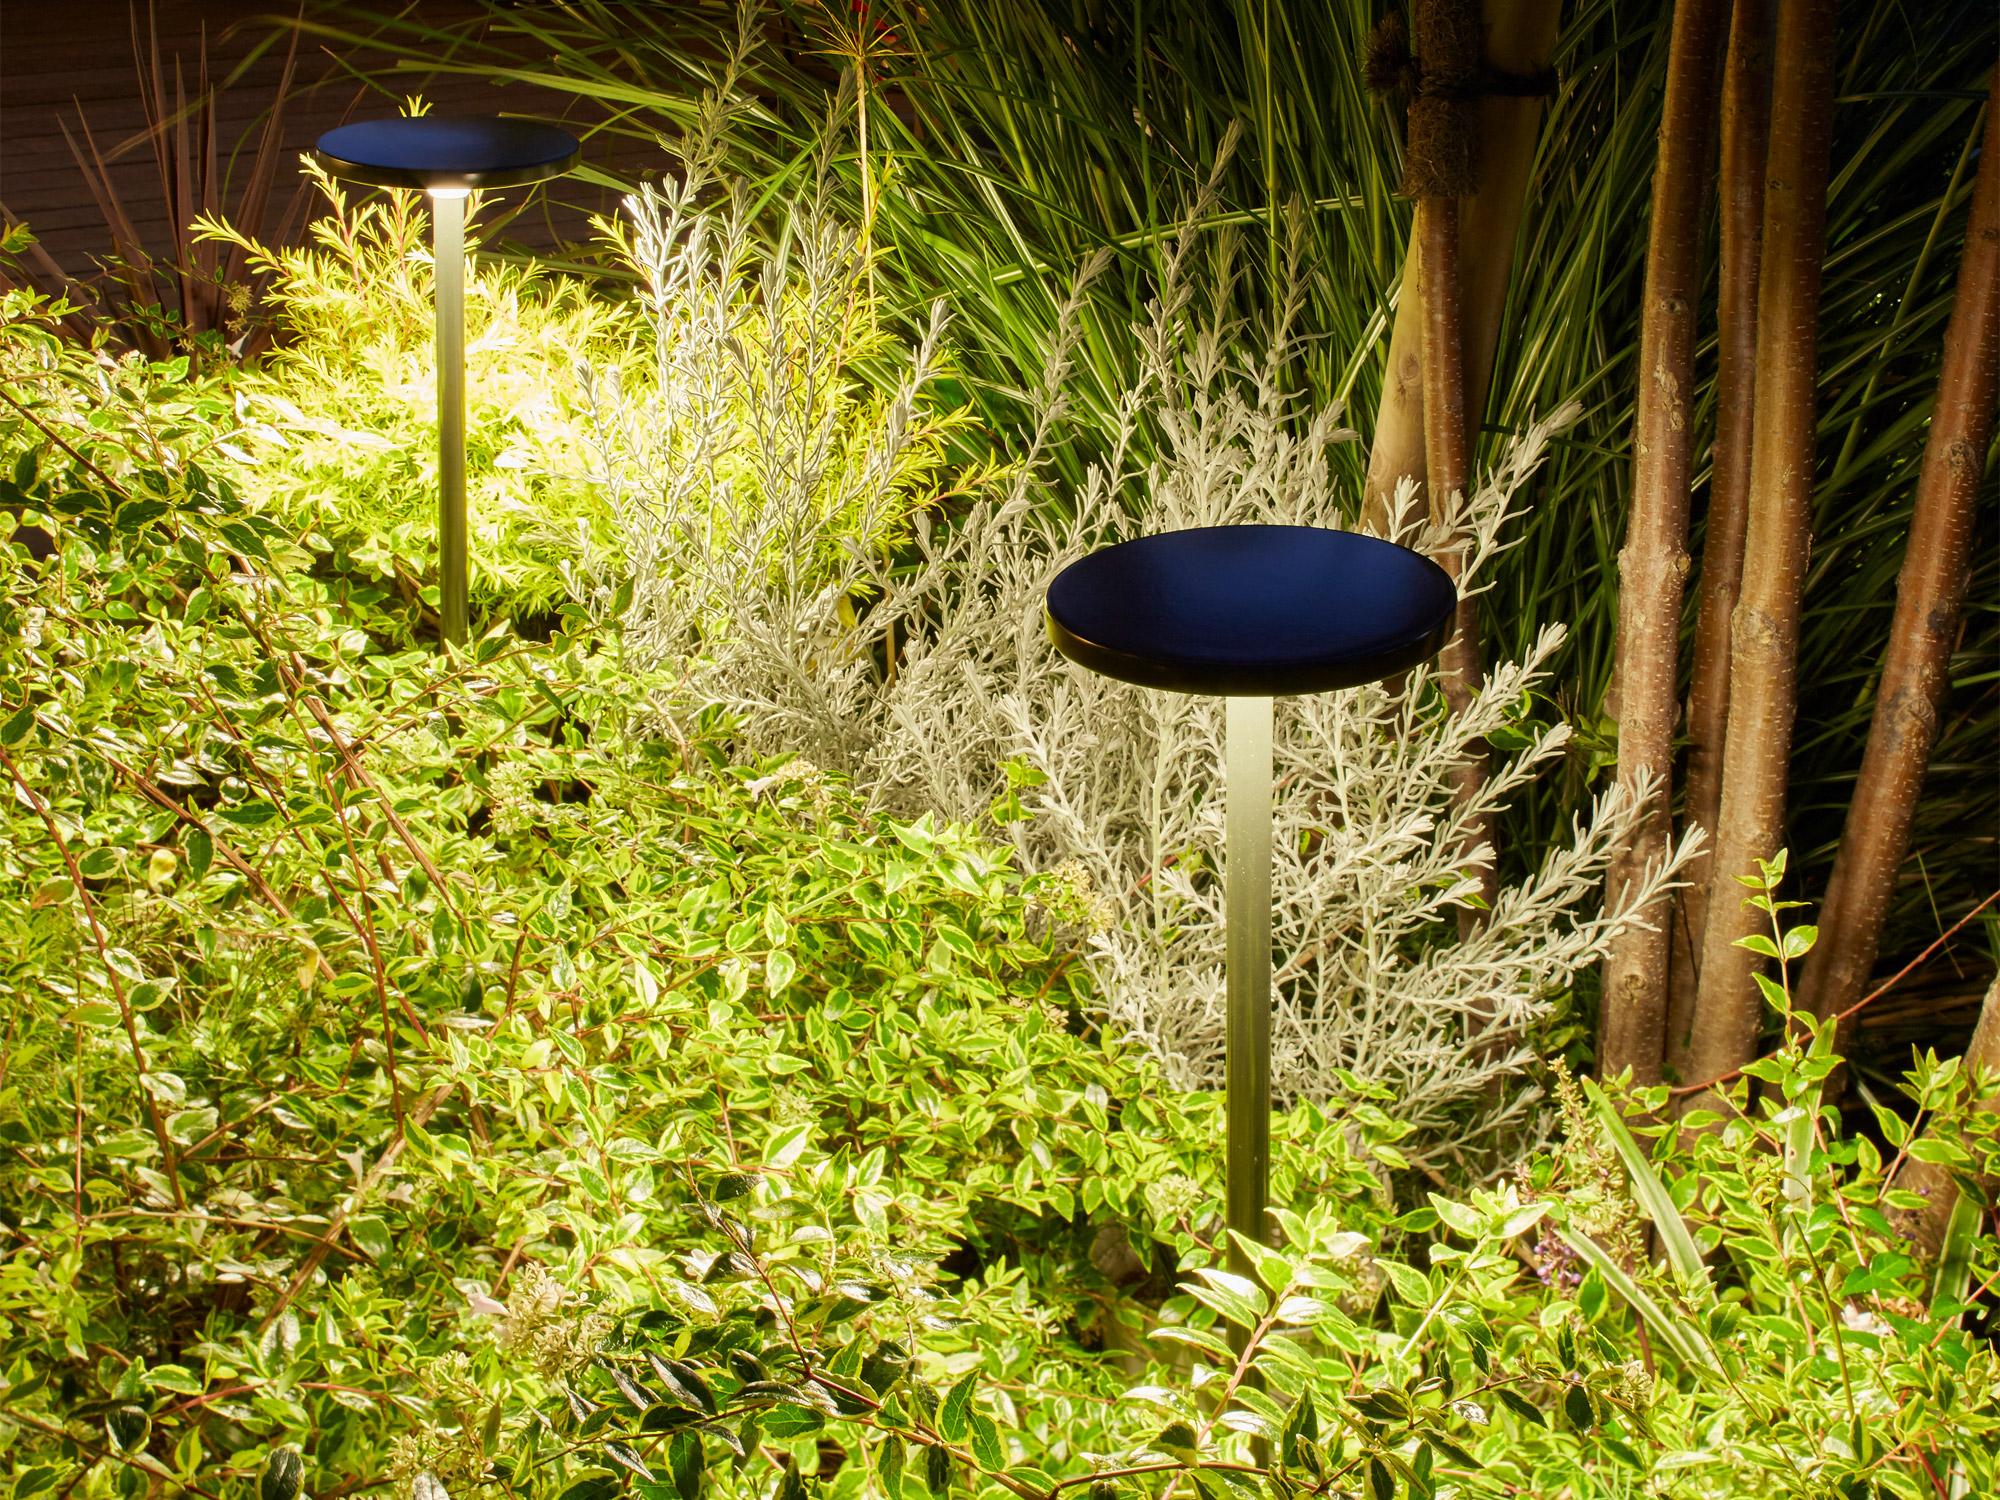 花壇などをパスライトでライティングした写真